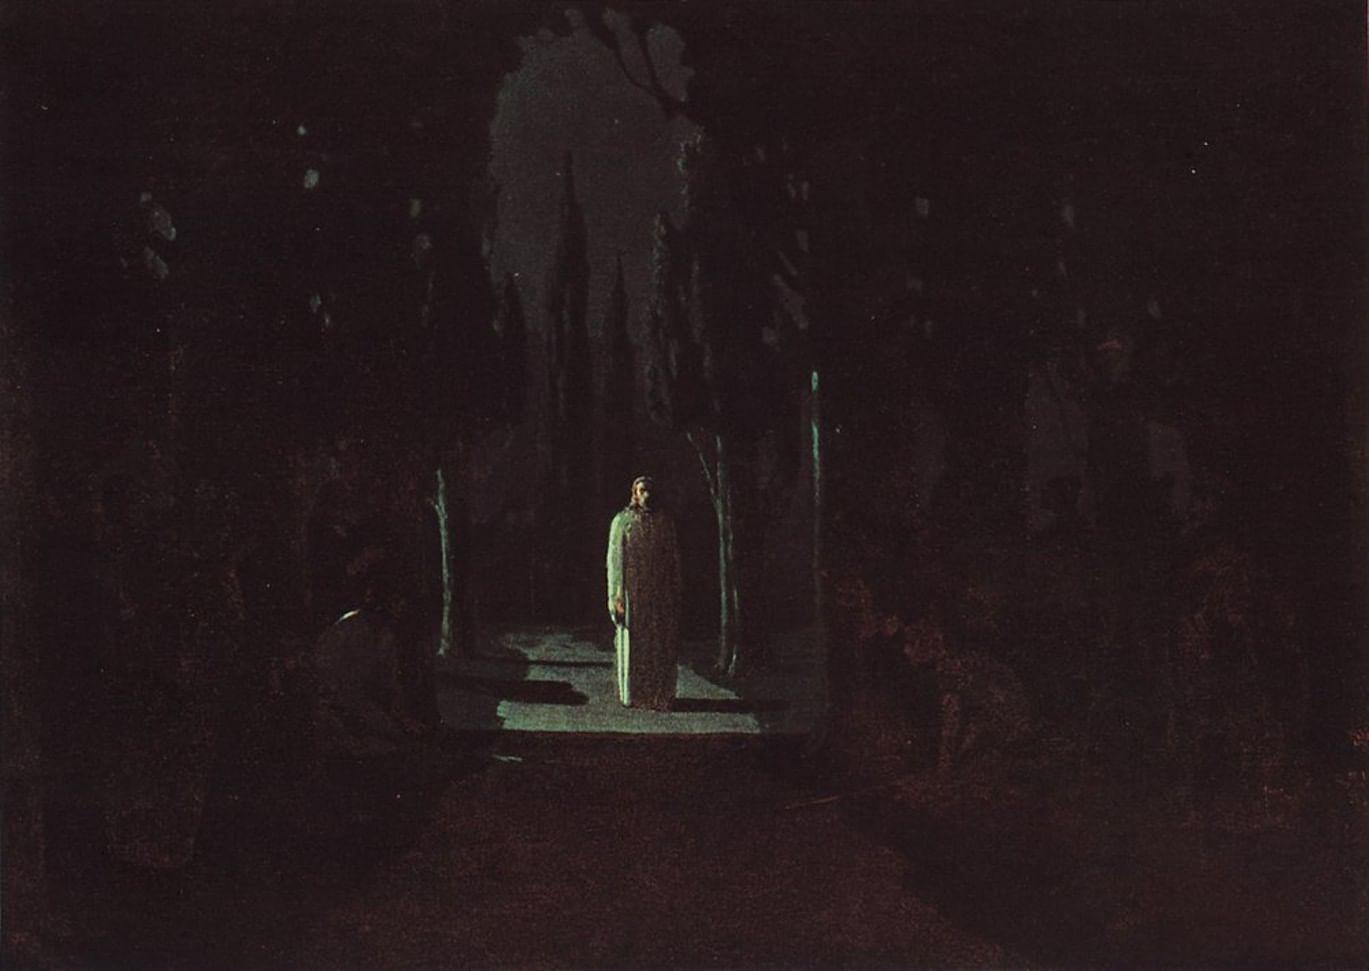 Архип Куинджи. Галерея 2